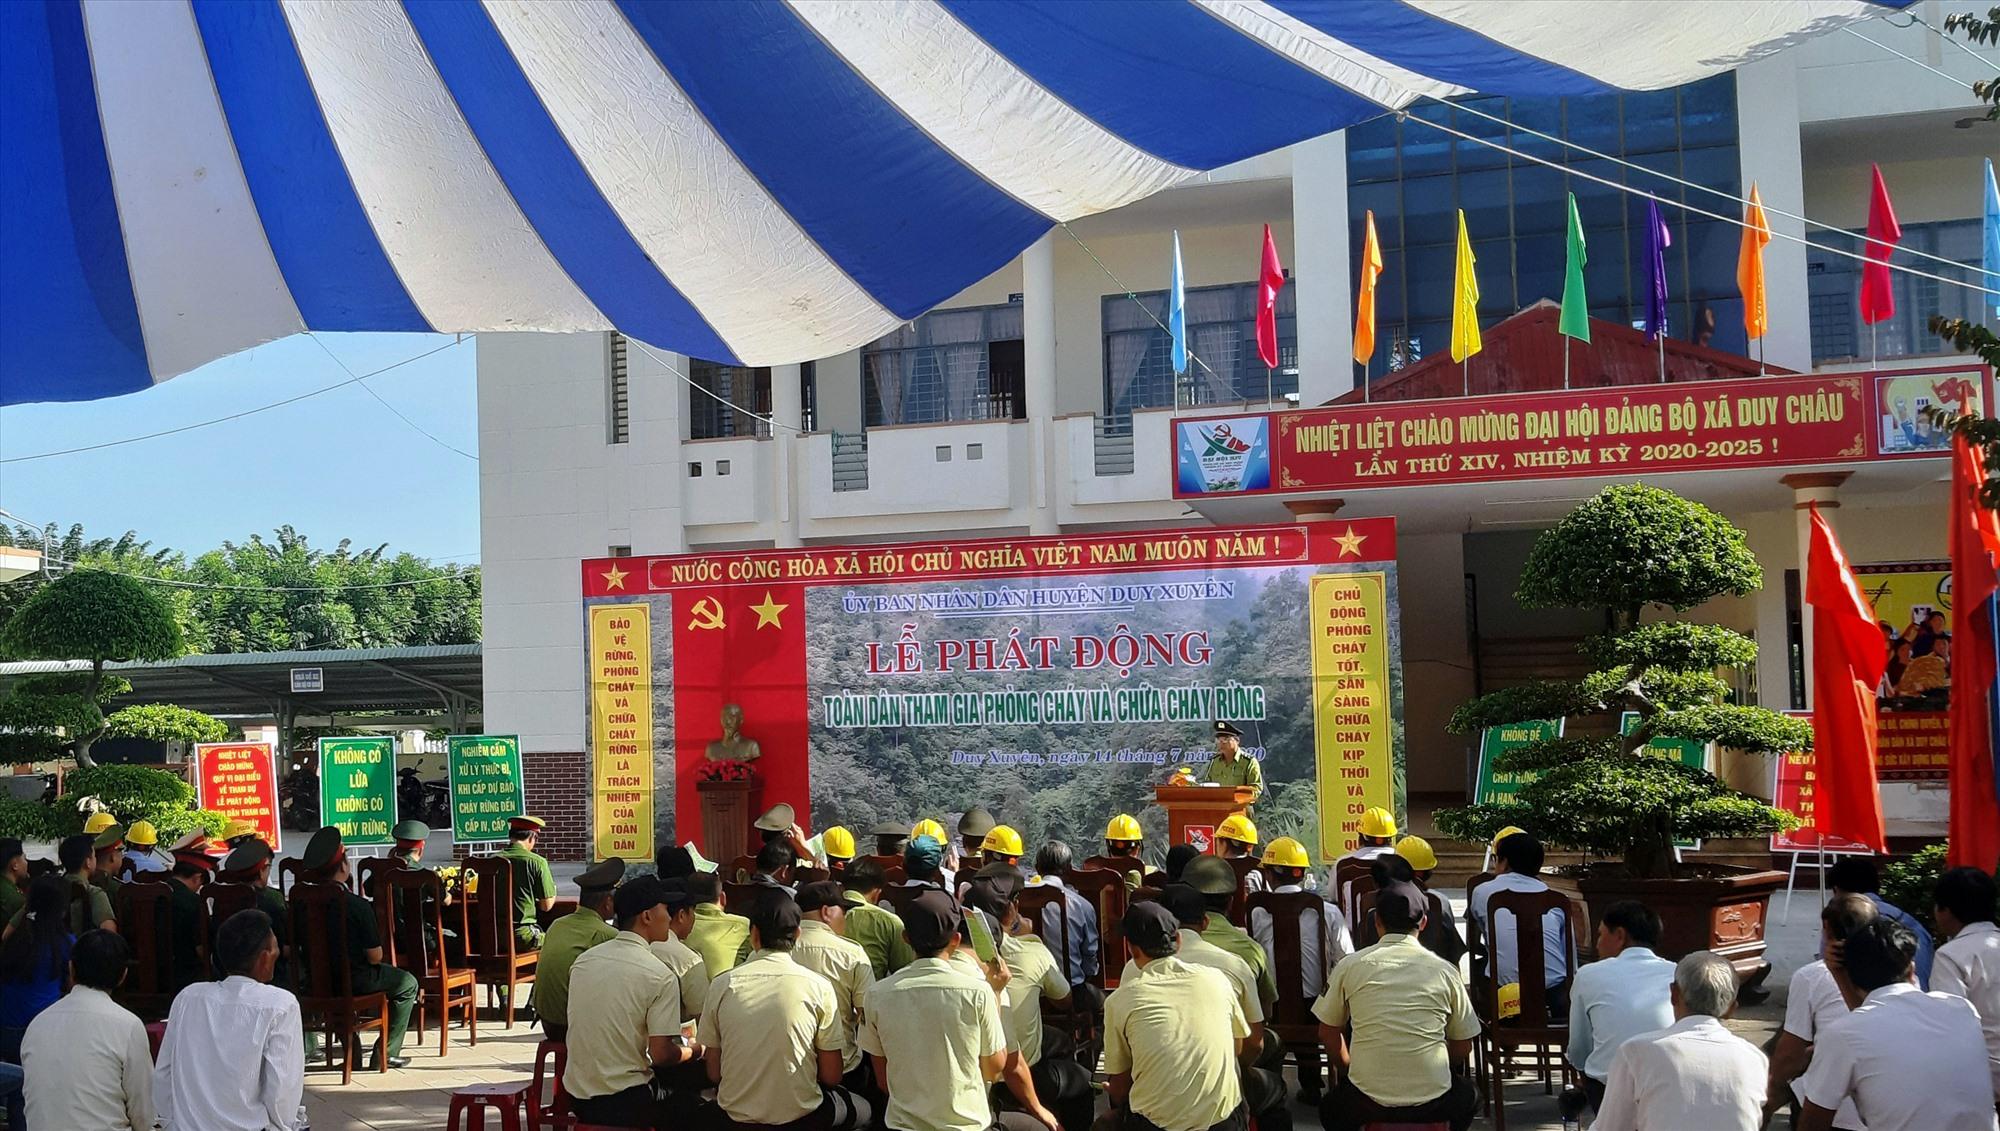 Quang cảnh lễ phát động phòng cháy, chữa cháy rừng diễn ra sáng qua 14.7 tại huyện Duy Xuyên. Ảnh: H.N